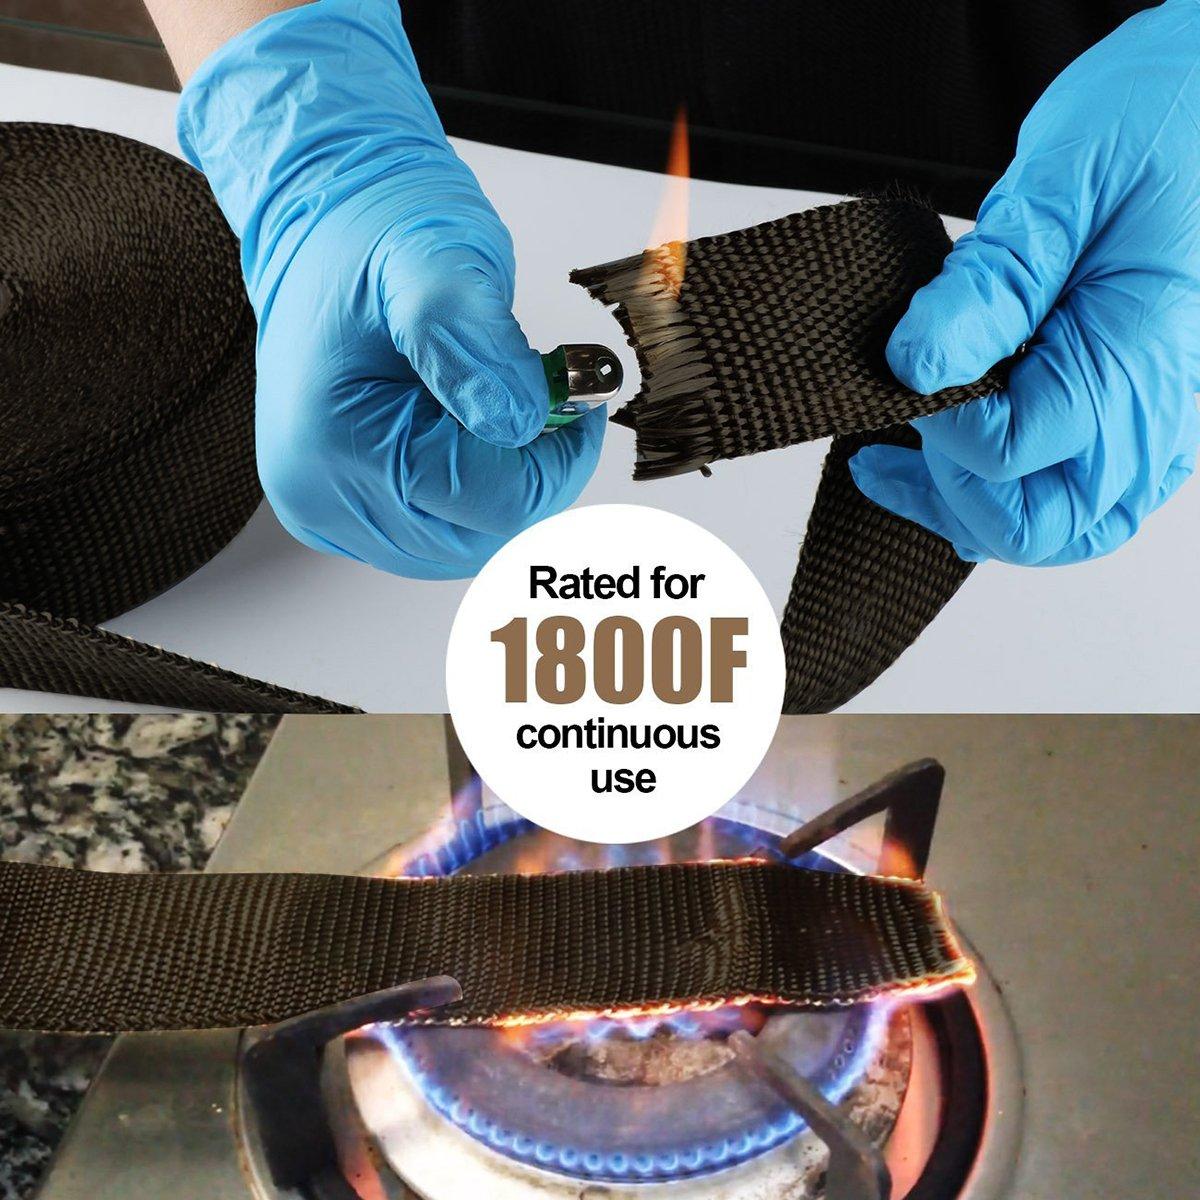 OZUAR 10m Car Motorcycle Exhaust Wrap Tape Fiberglass Heat Shield 4.5CM*10M 10pcs Stainless Cable Ties